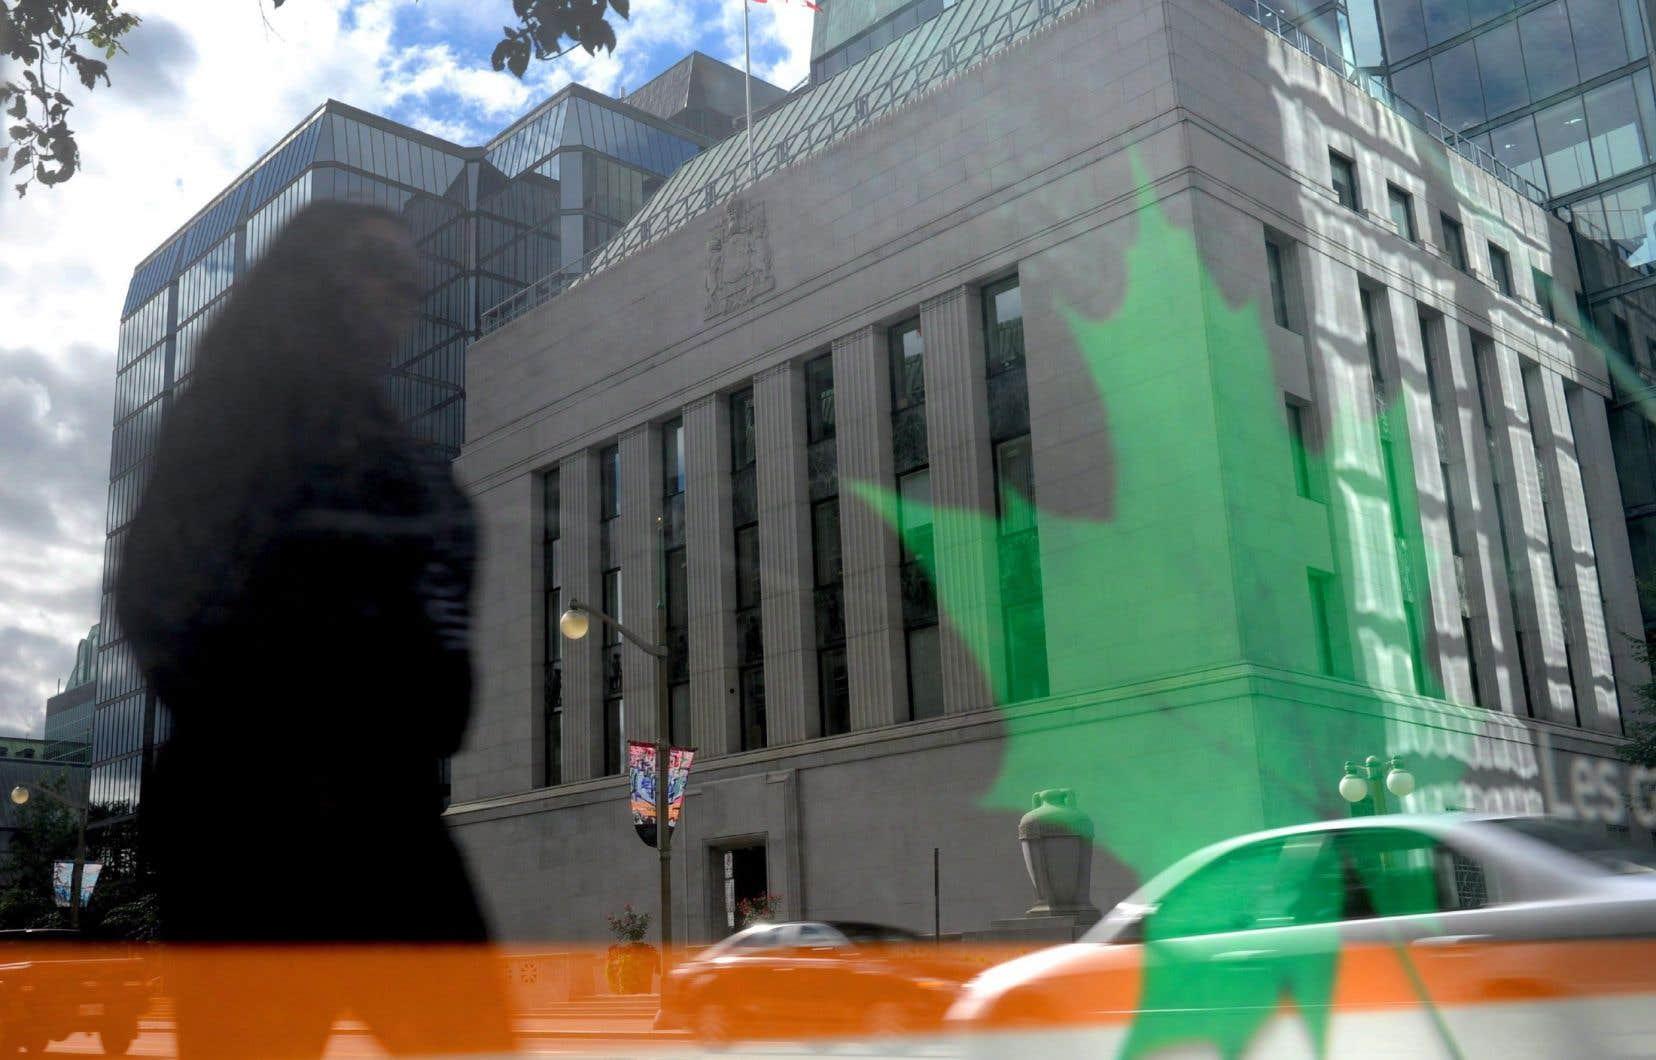 La Banque du Canada a acheté pour quelque 200 milliards de dollars d'actif depuis la mi-mars, soit plus du double de la taille de son actif au bilan avant la crise, retient Oxford Economics.